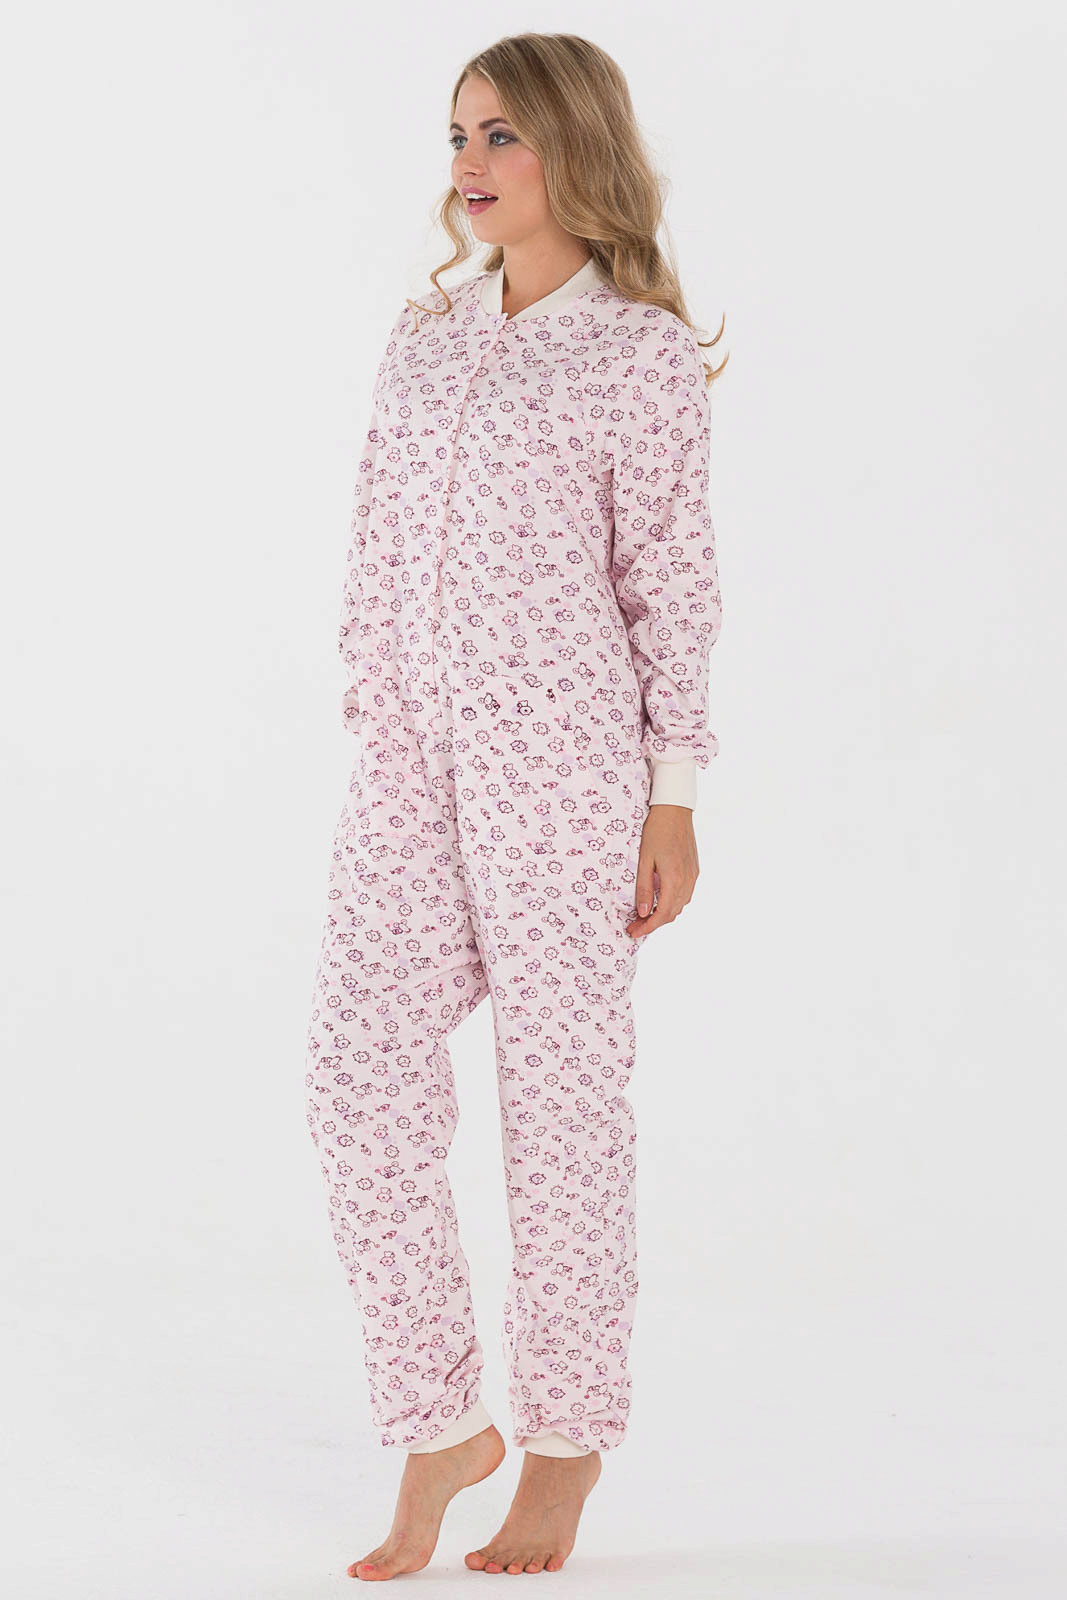 b1607f29251c3 Как уже говорилось выше, пижама цельная, а значит, во сне не будет  оголяться ни одна часть тела. Это особенно актуально для прохладных спален  в ...